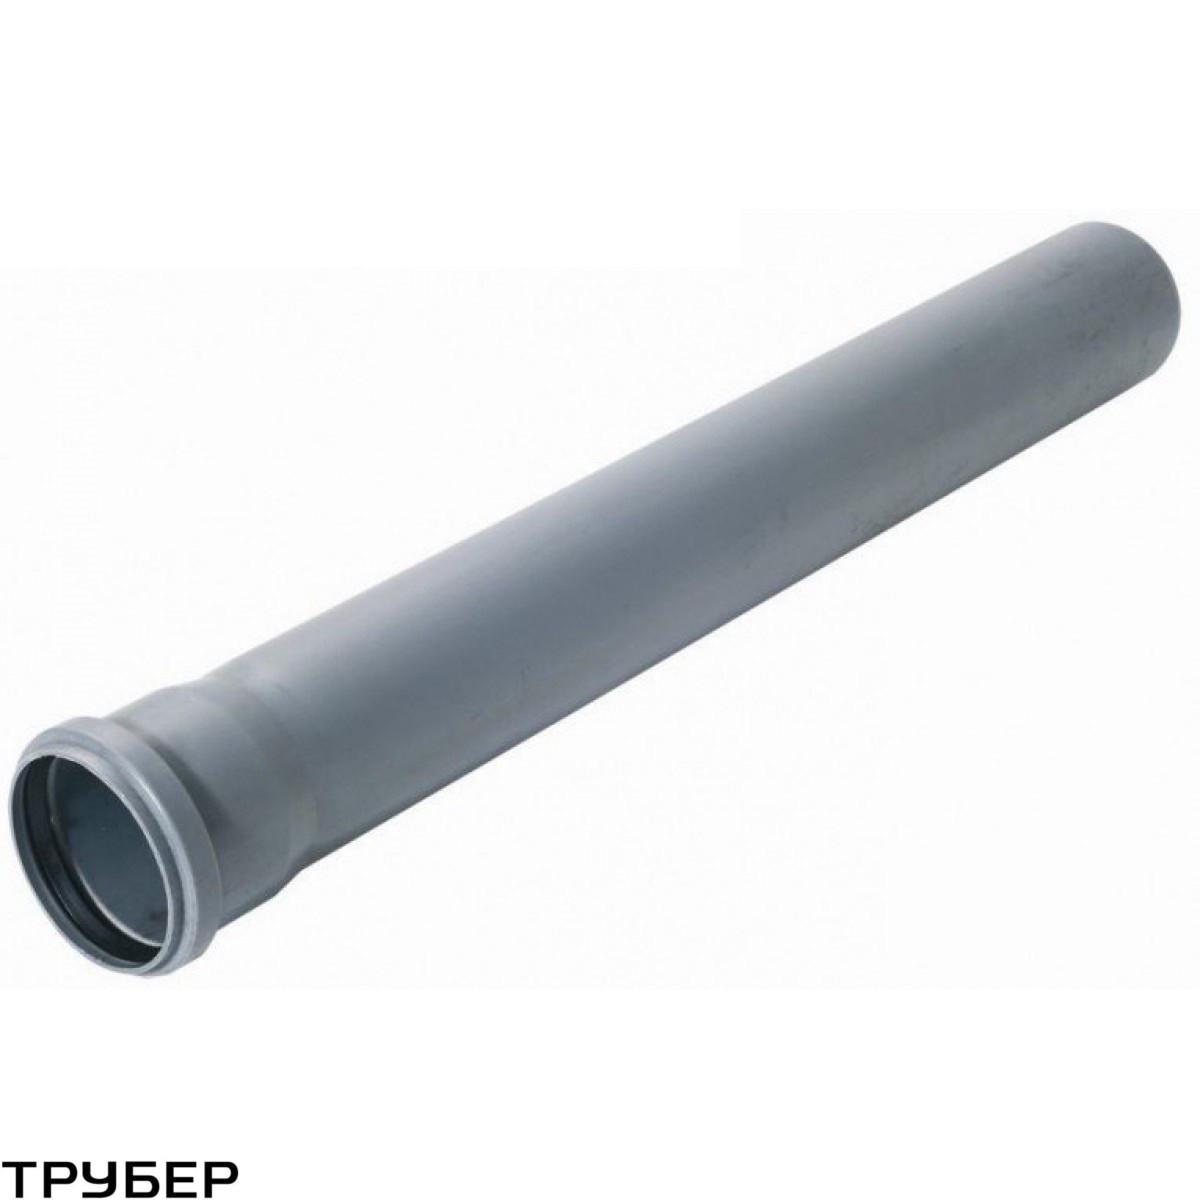 Труба ПП 50*2000 3-х шаровая для внутренней канализации Инсталпласт